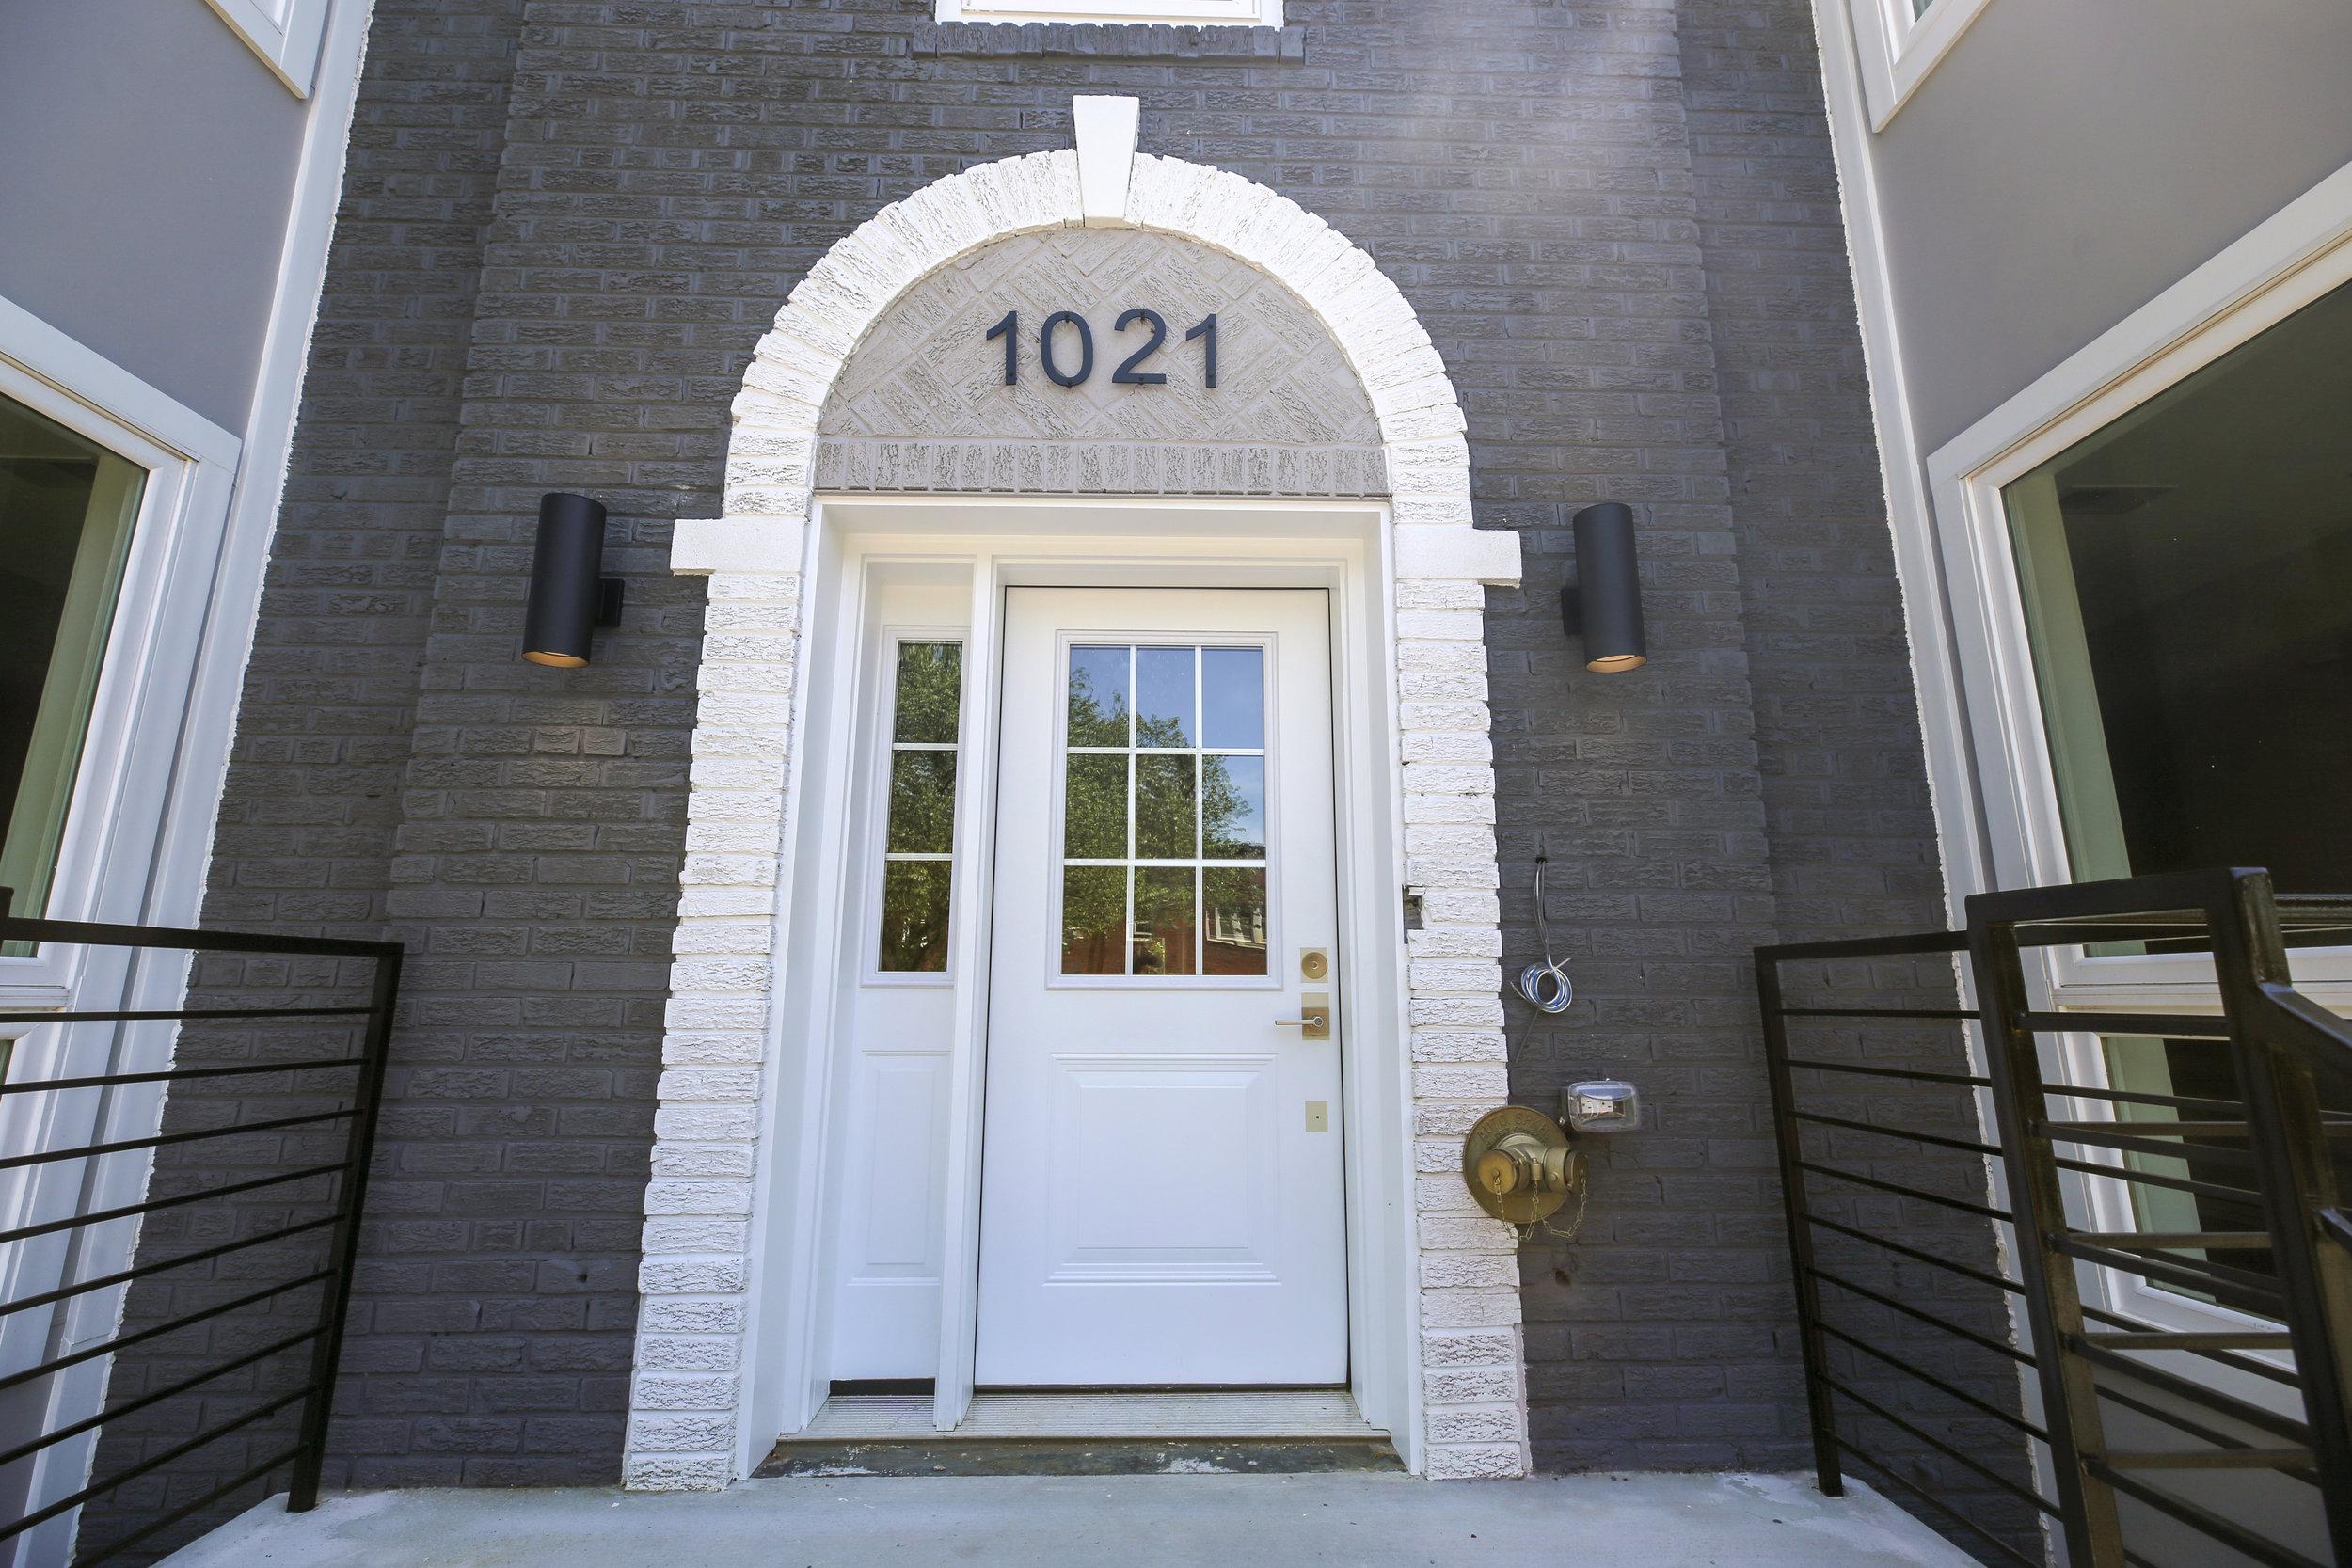 Exterior-1021 17th Street NE-IMG_0528.JPG